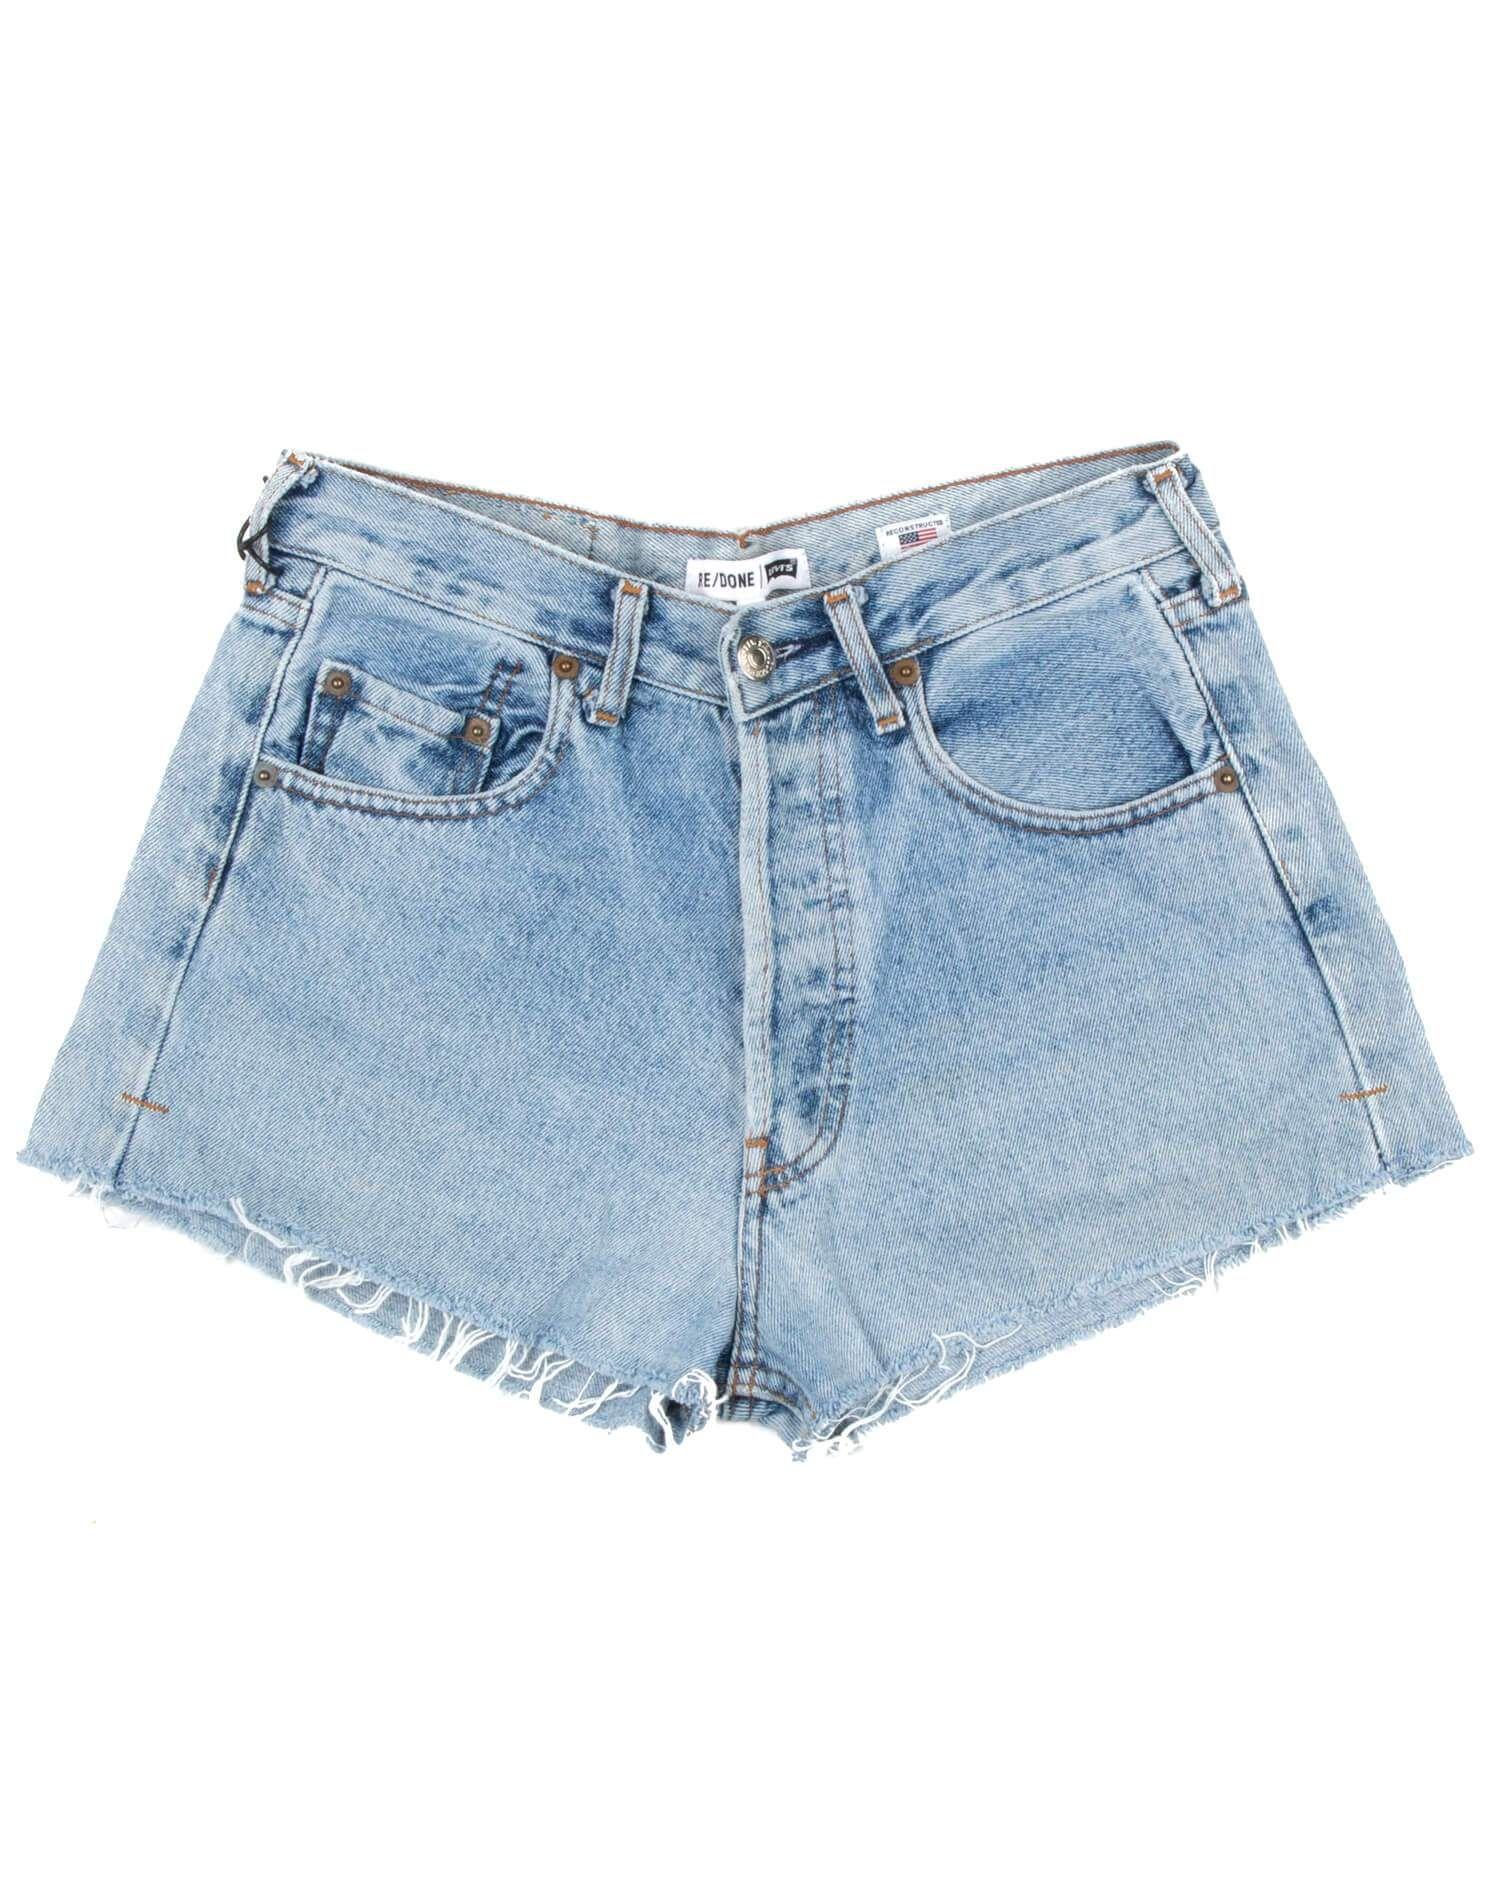 Vintage Levi's | The Shorts | Light Blue | Size 23 | No. 23TS1164187 | Denim #lightblueshorts